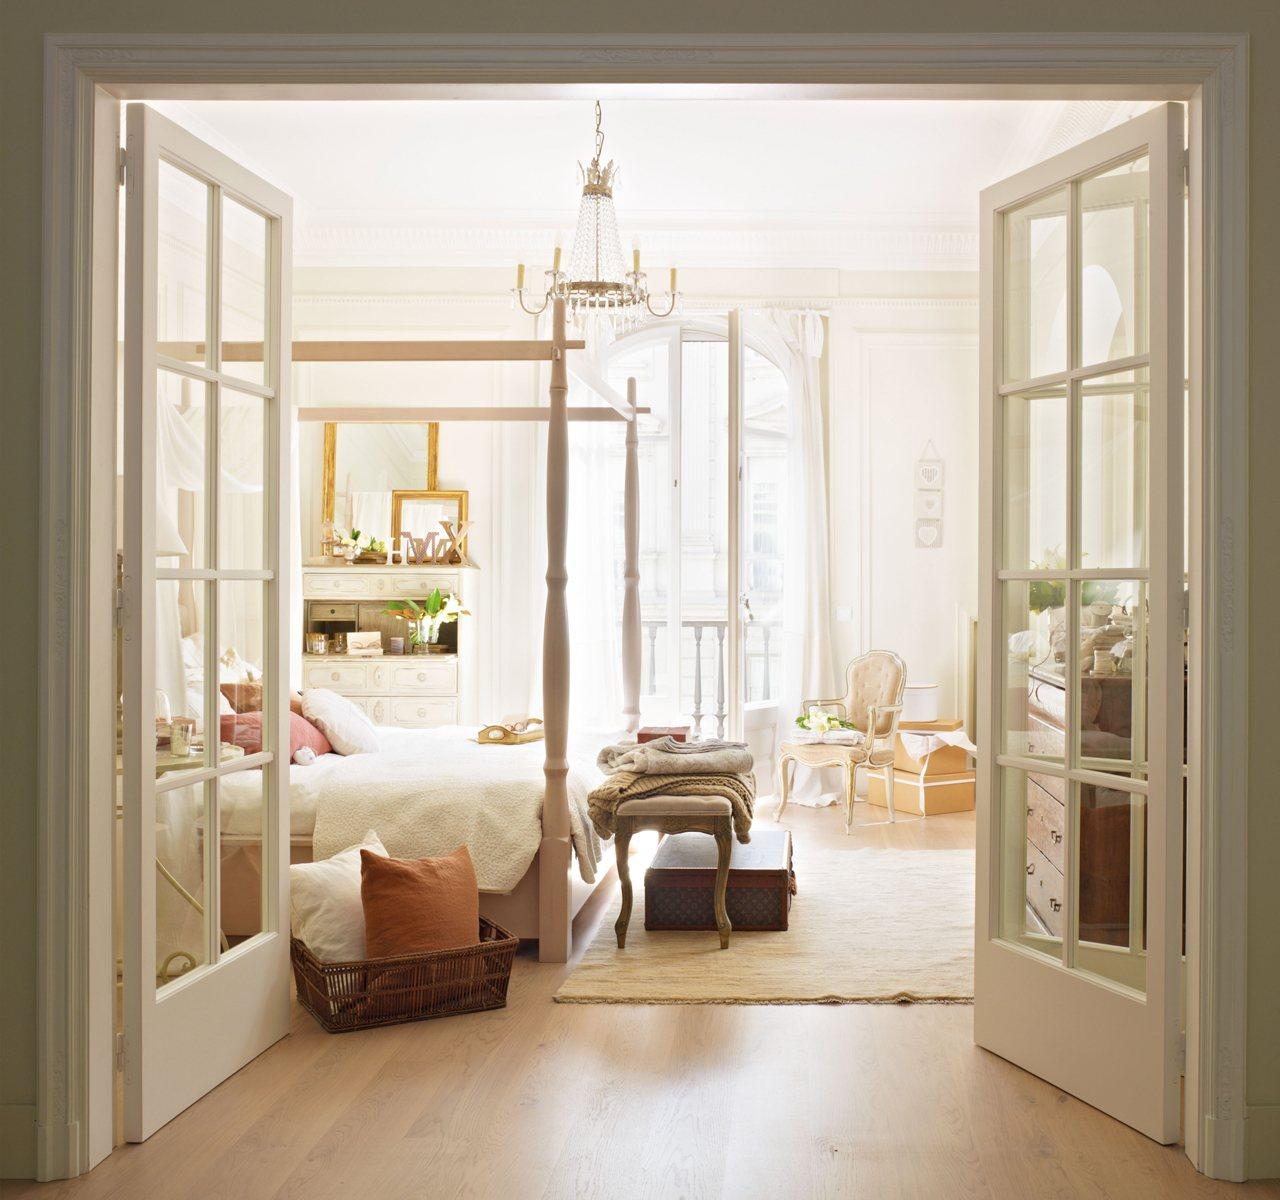 Un dormitorio para so ar despierta for El mueble dormitorios 2016